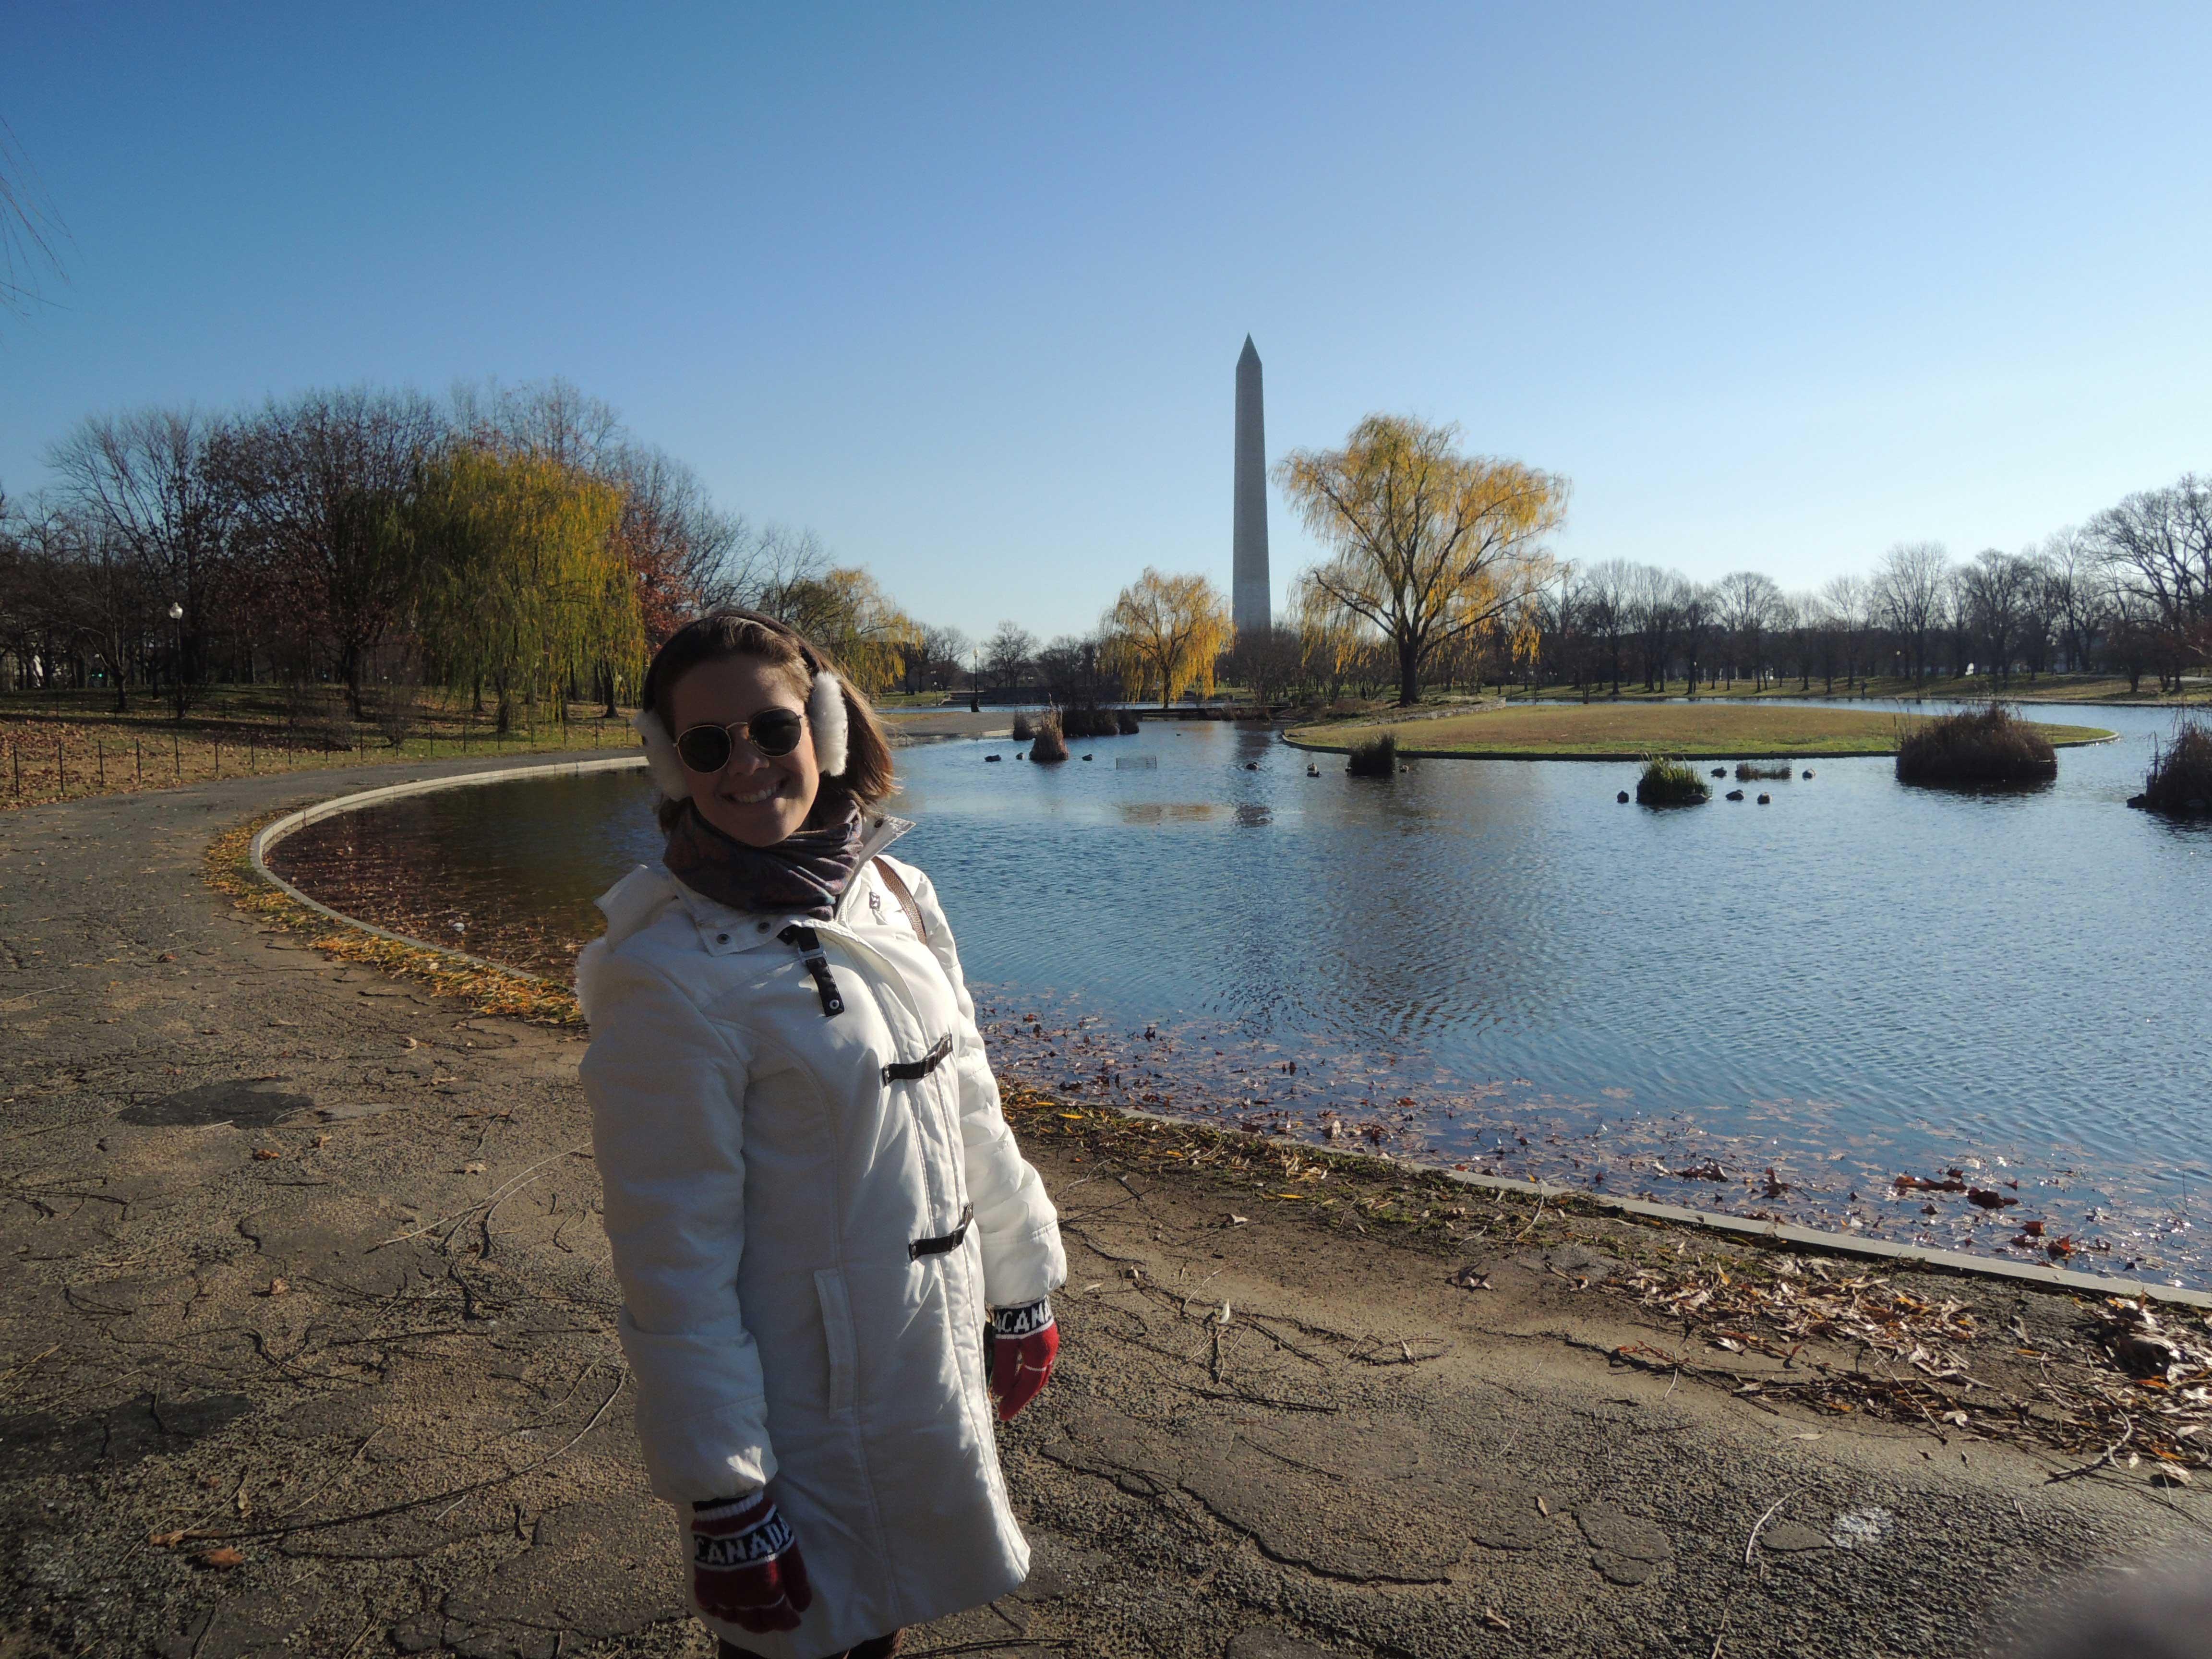 Jardins do Congresso, em uma caminhada próximo ao obelisco